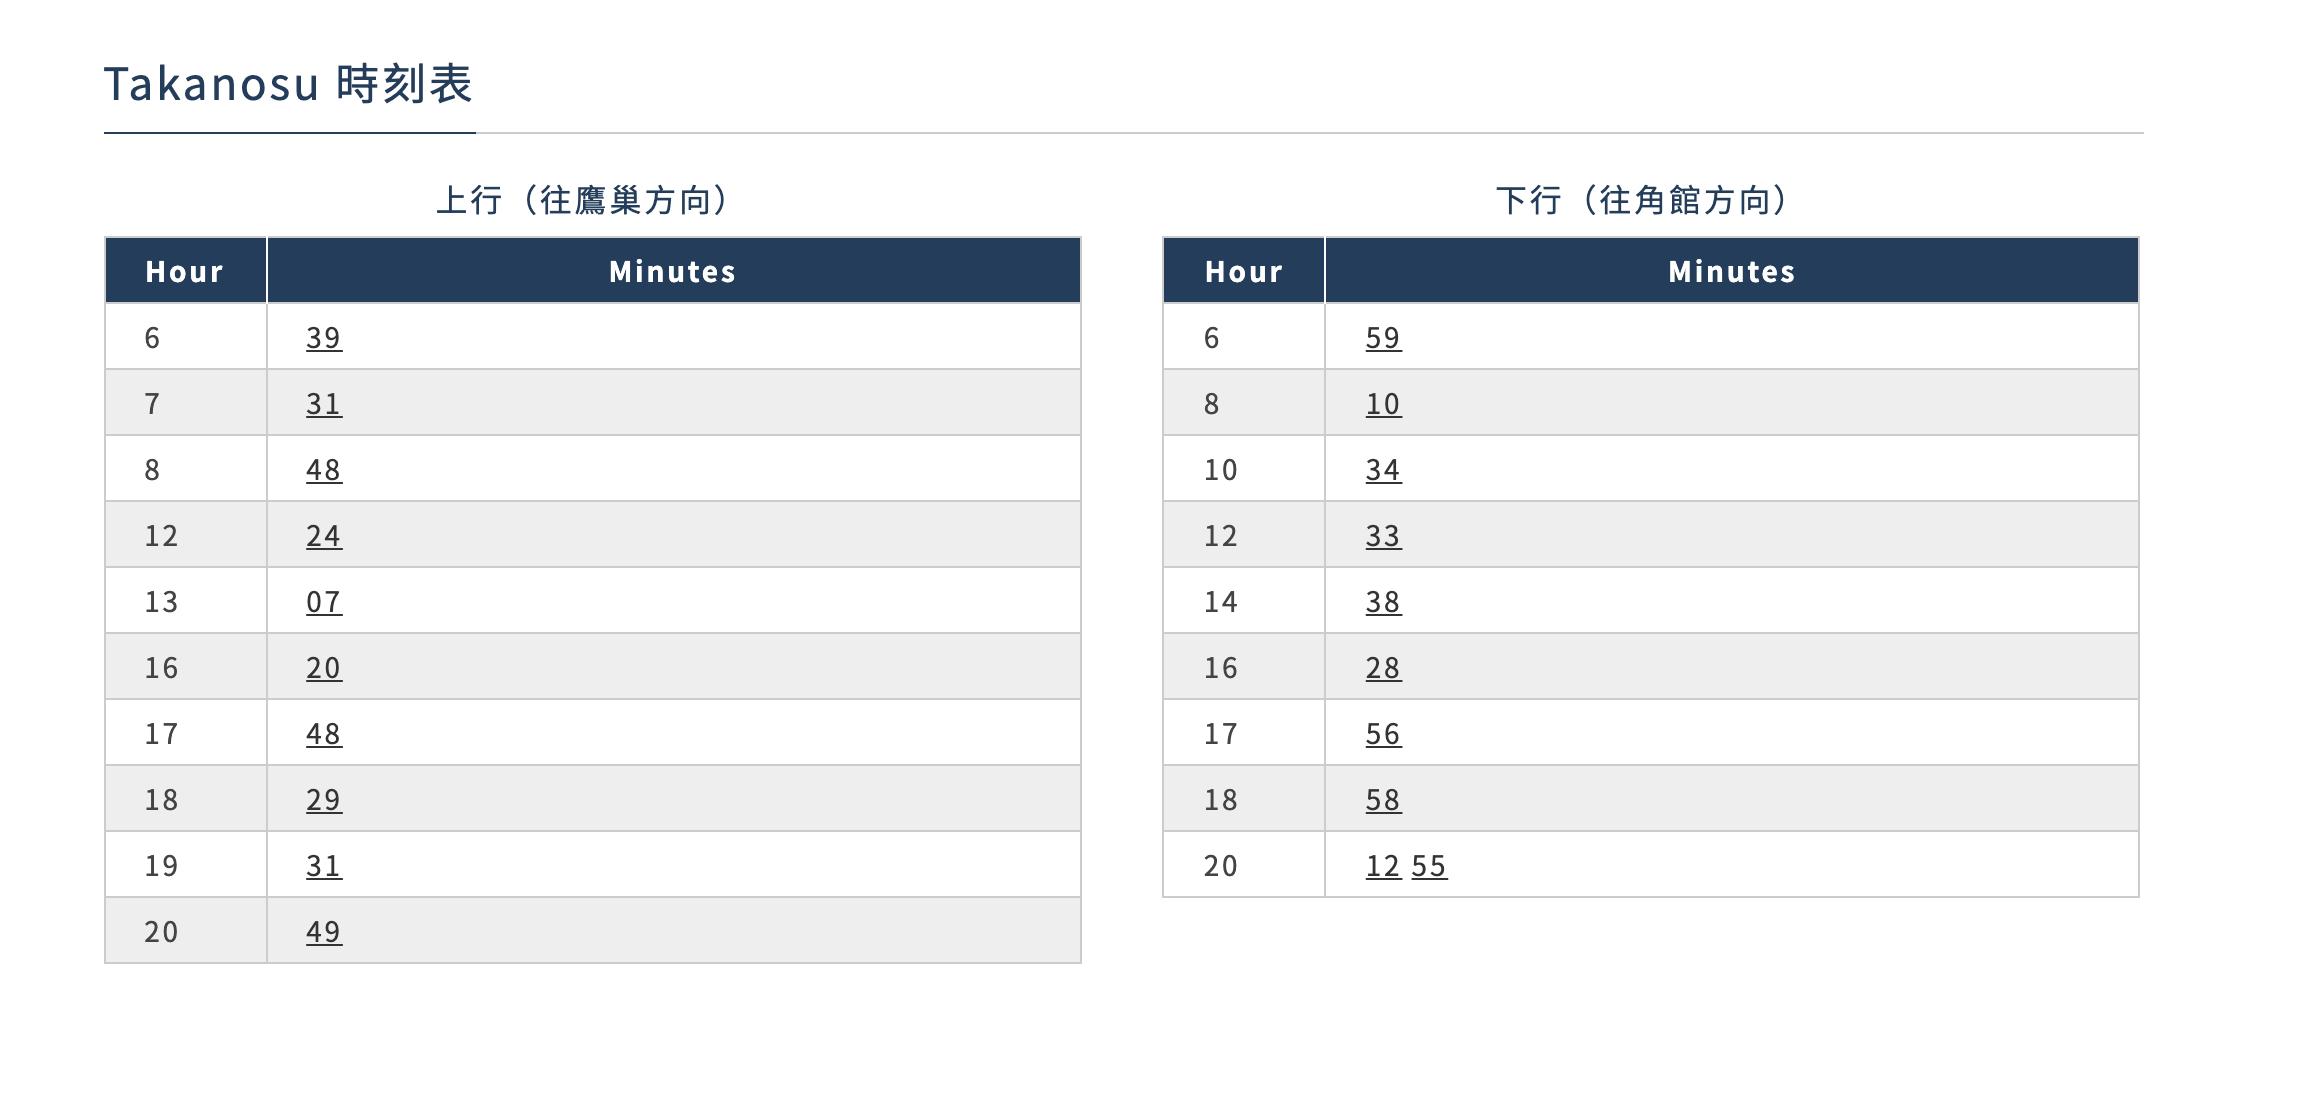 秋田內陸線時刻表